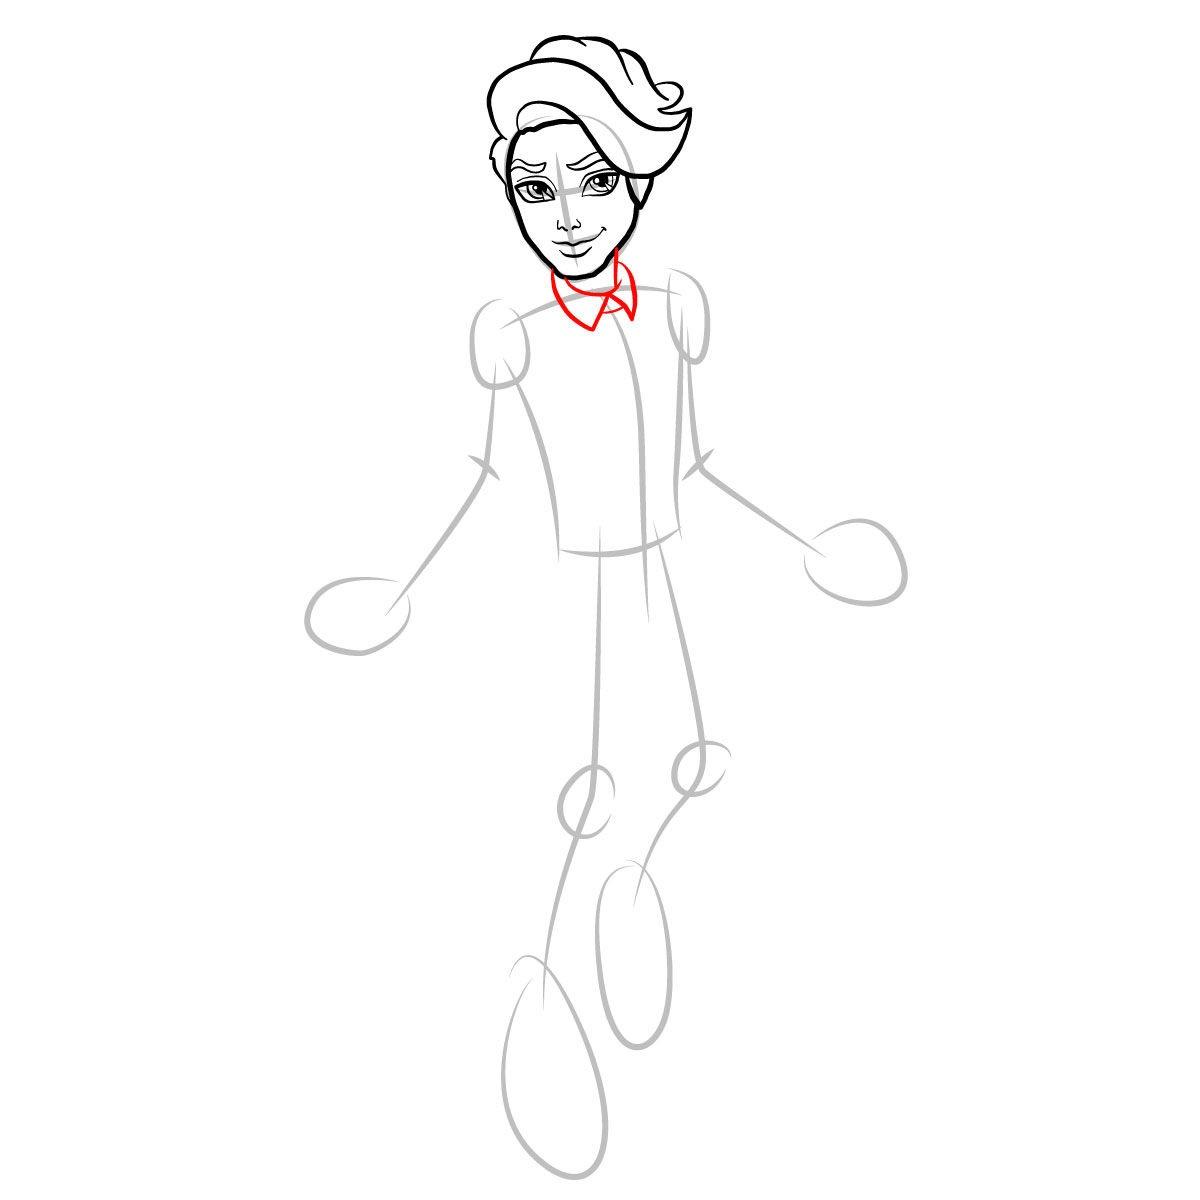 Как нарисовать Портера Гейсса 6